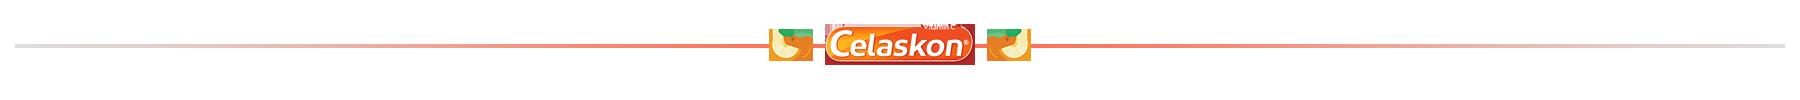 celaskon